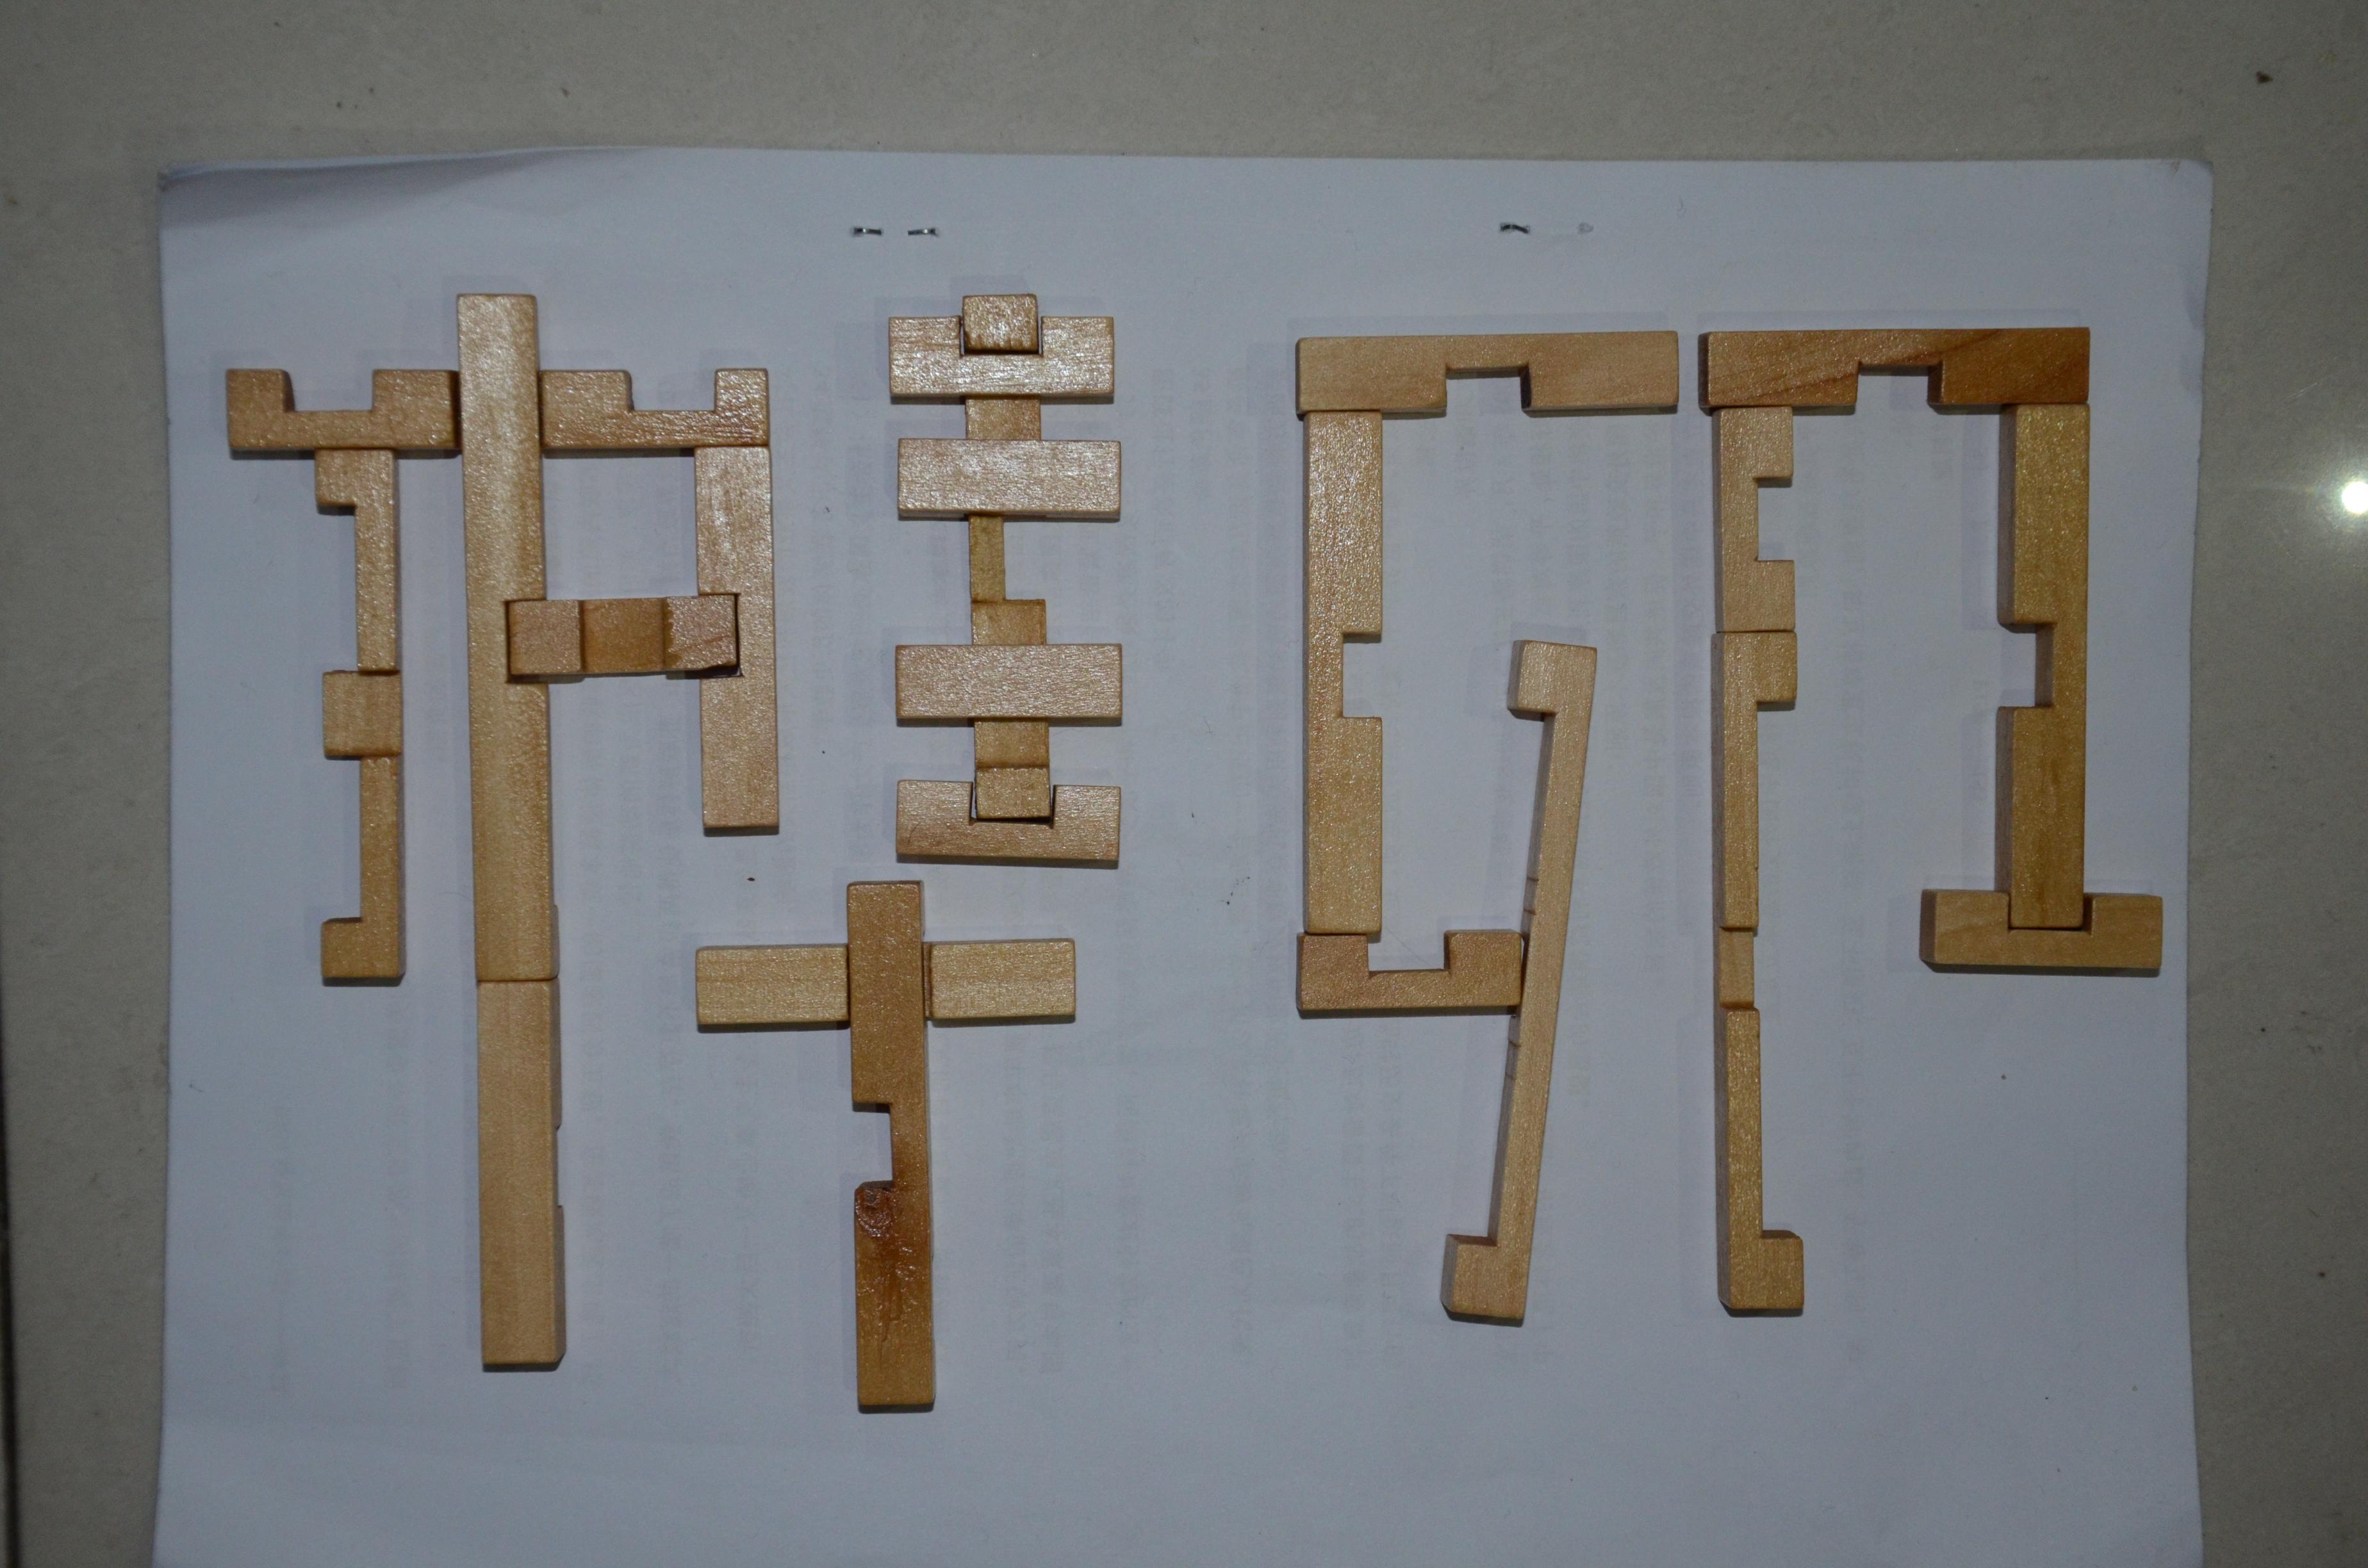 结构与书相融合为创意点进行设计构想,全书为手工制作,介绍榫卯,桐木